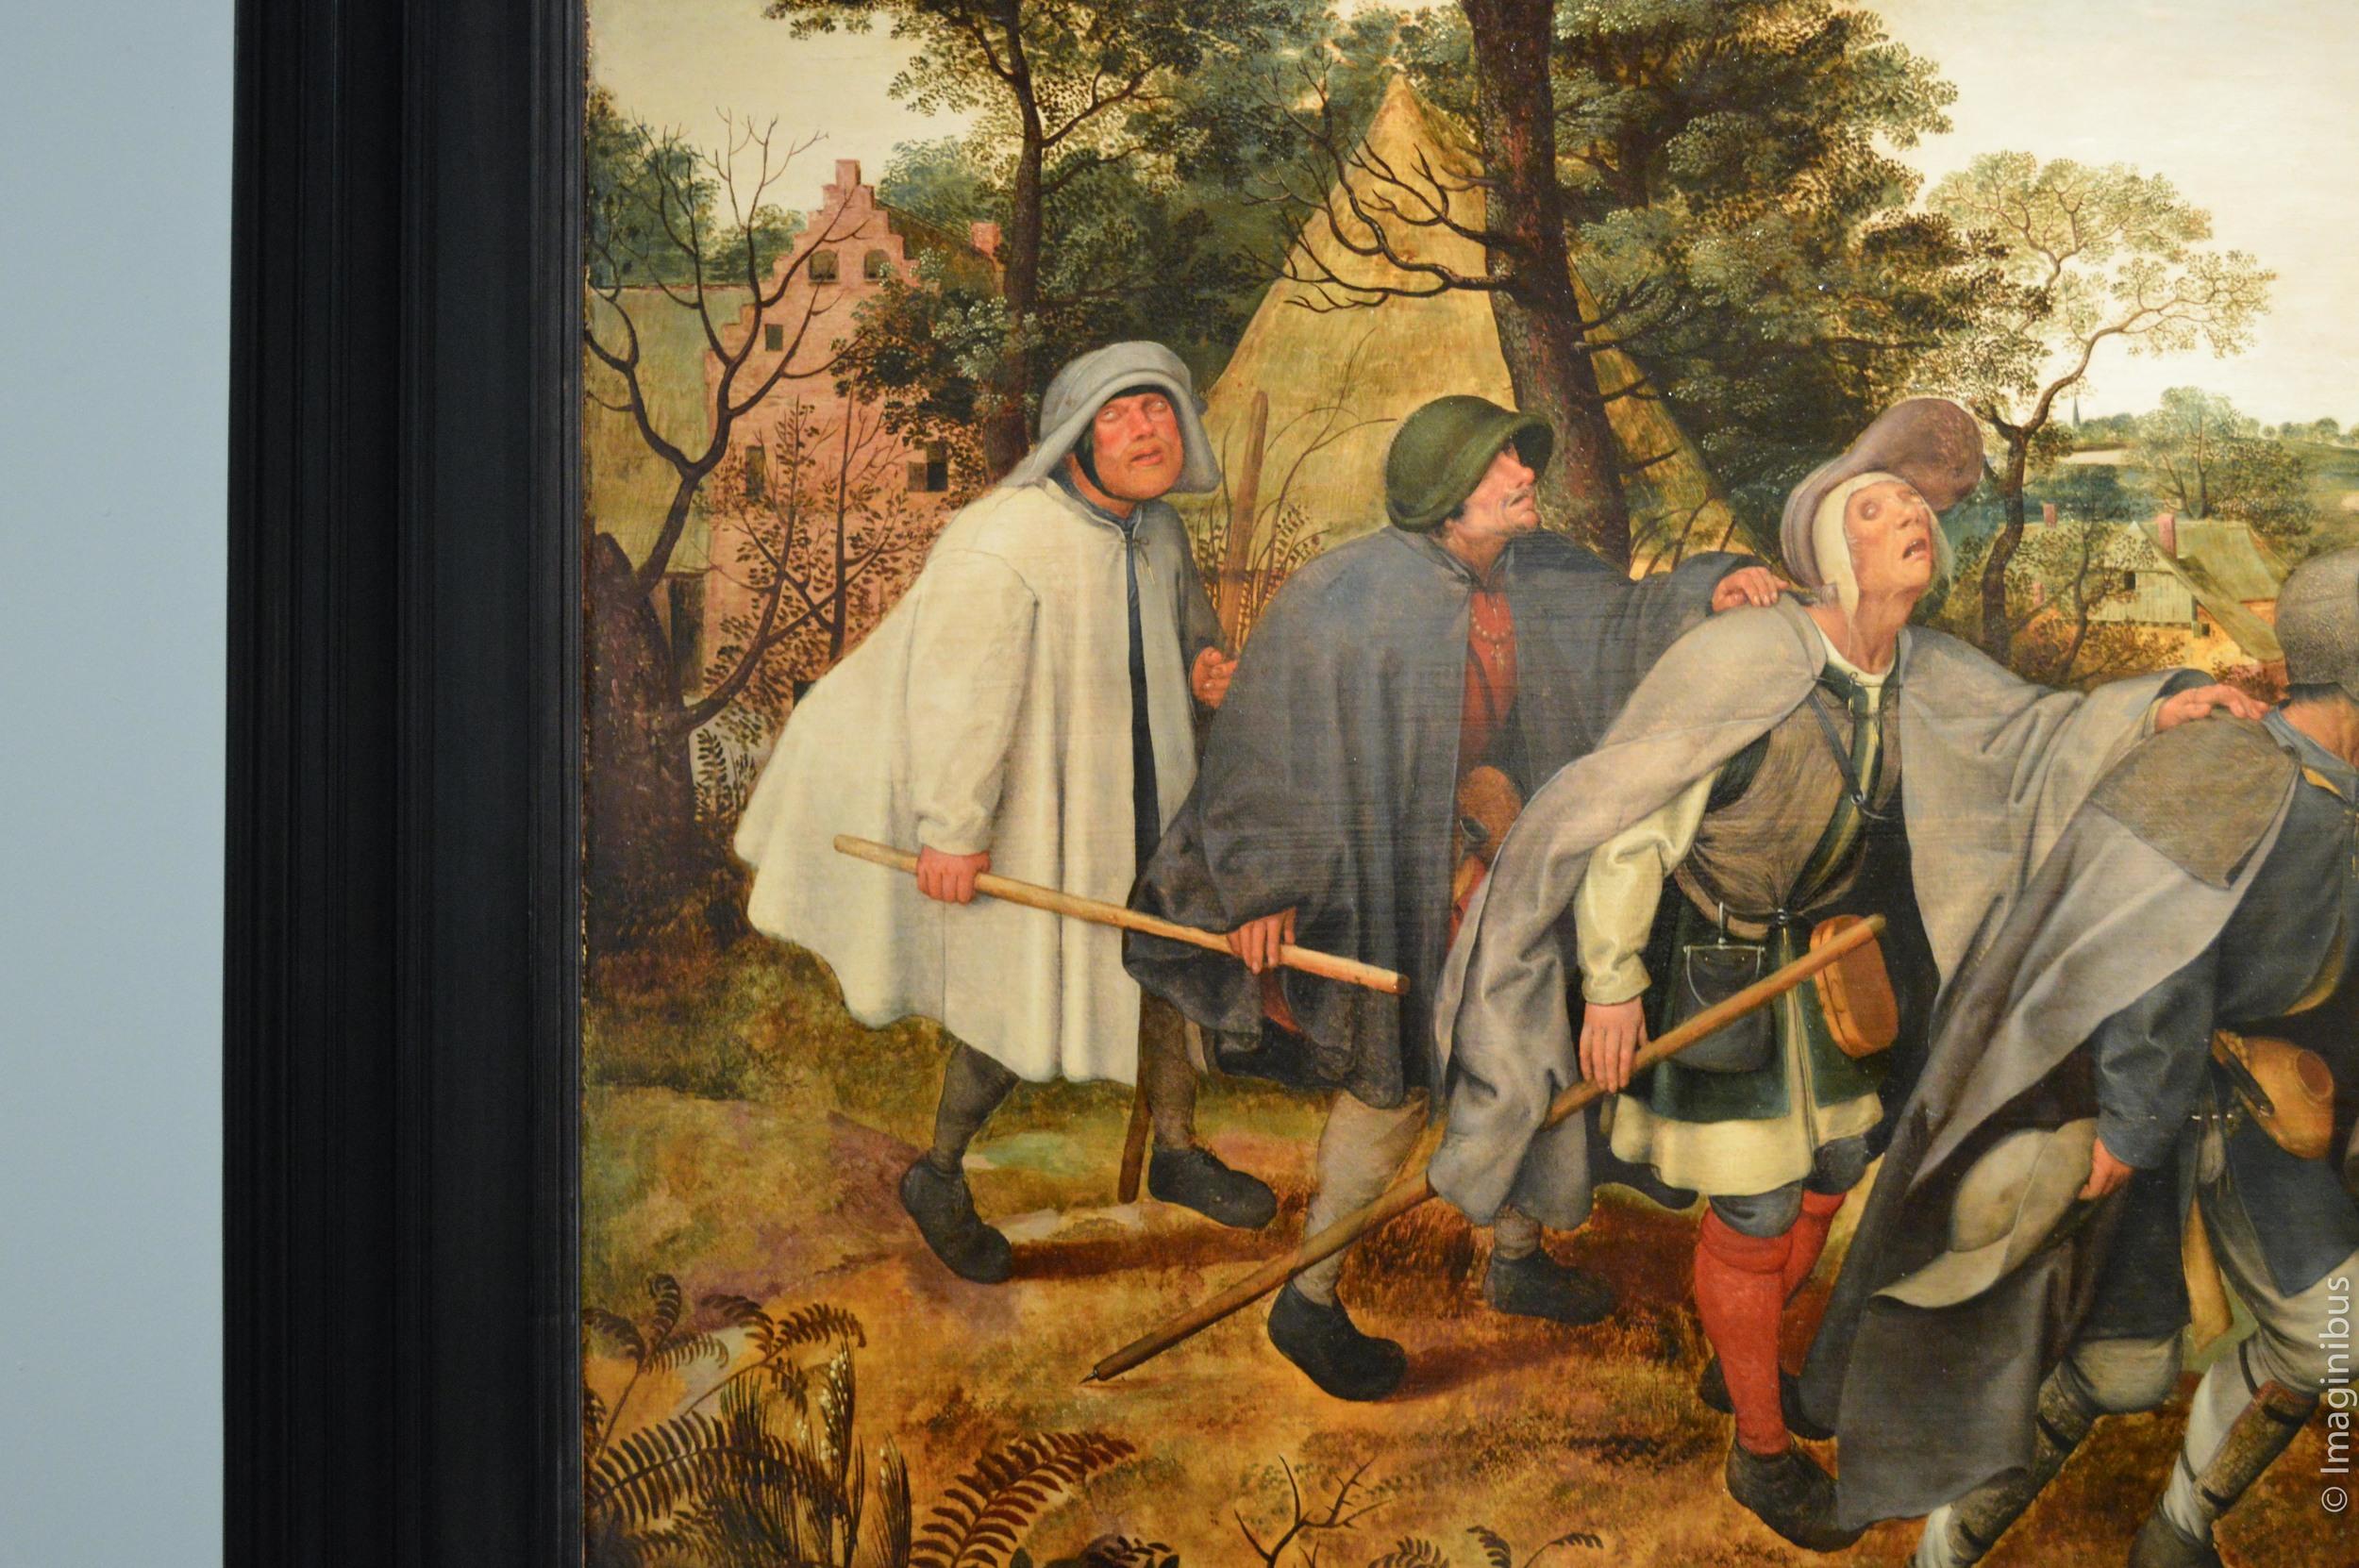 Une brève histoire de l'avenir, Louvre, Bruegel